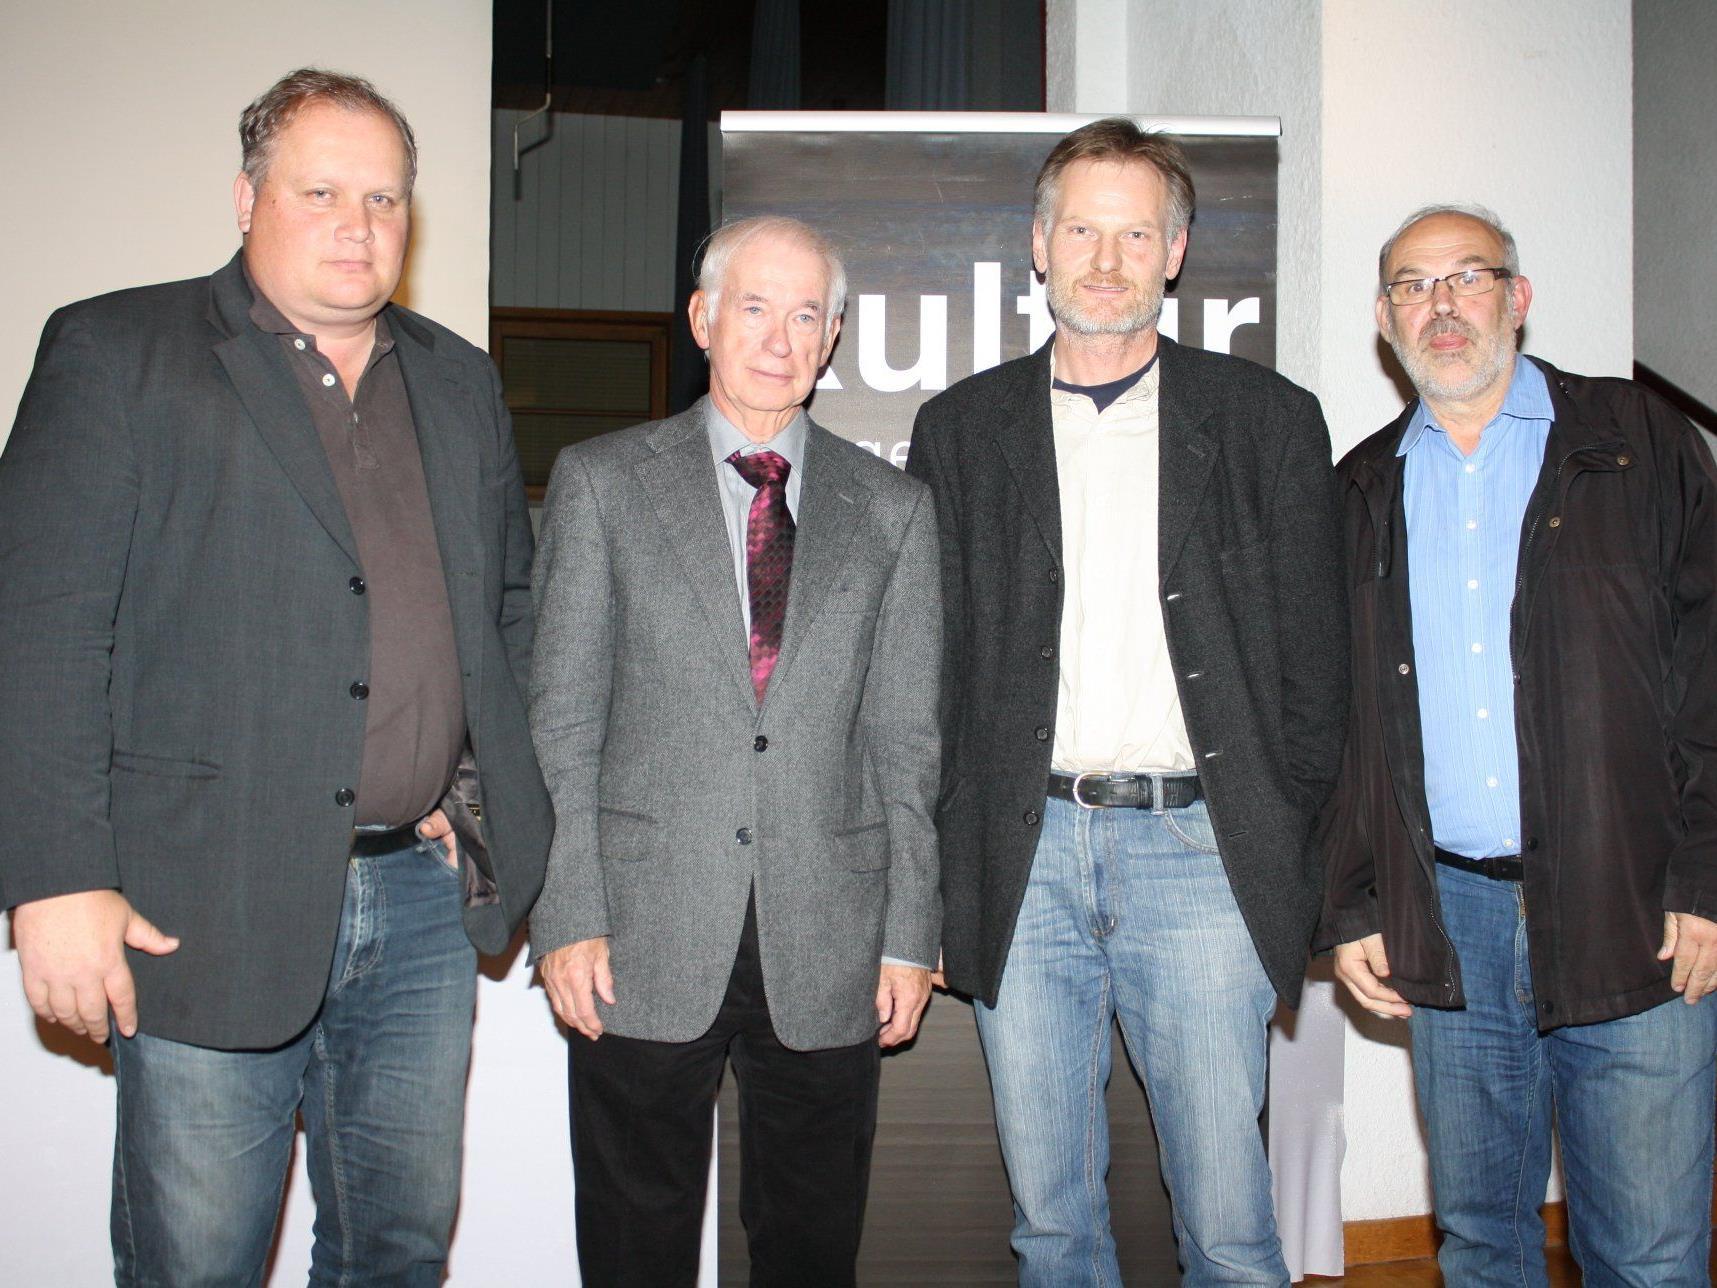 Die Veranstalter Andreas Hammerer, Kurt Bereuter und Werner Bundschuh mit dem Autor Wolfgang Neugebauer.